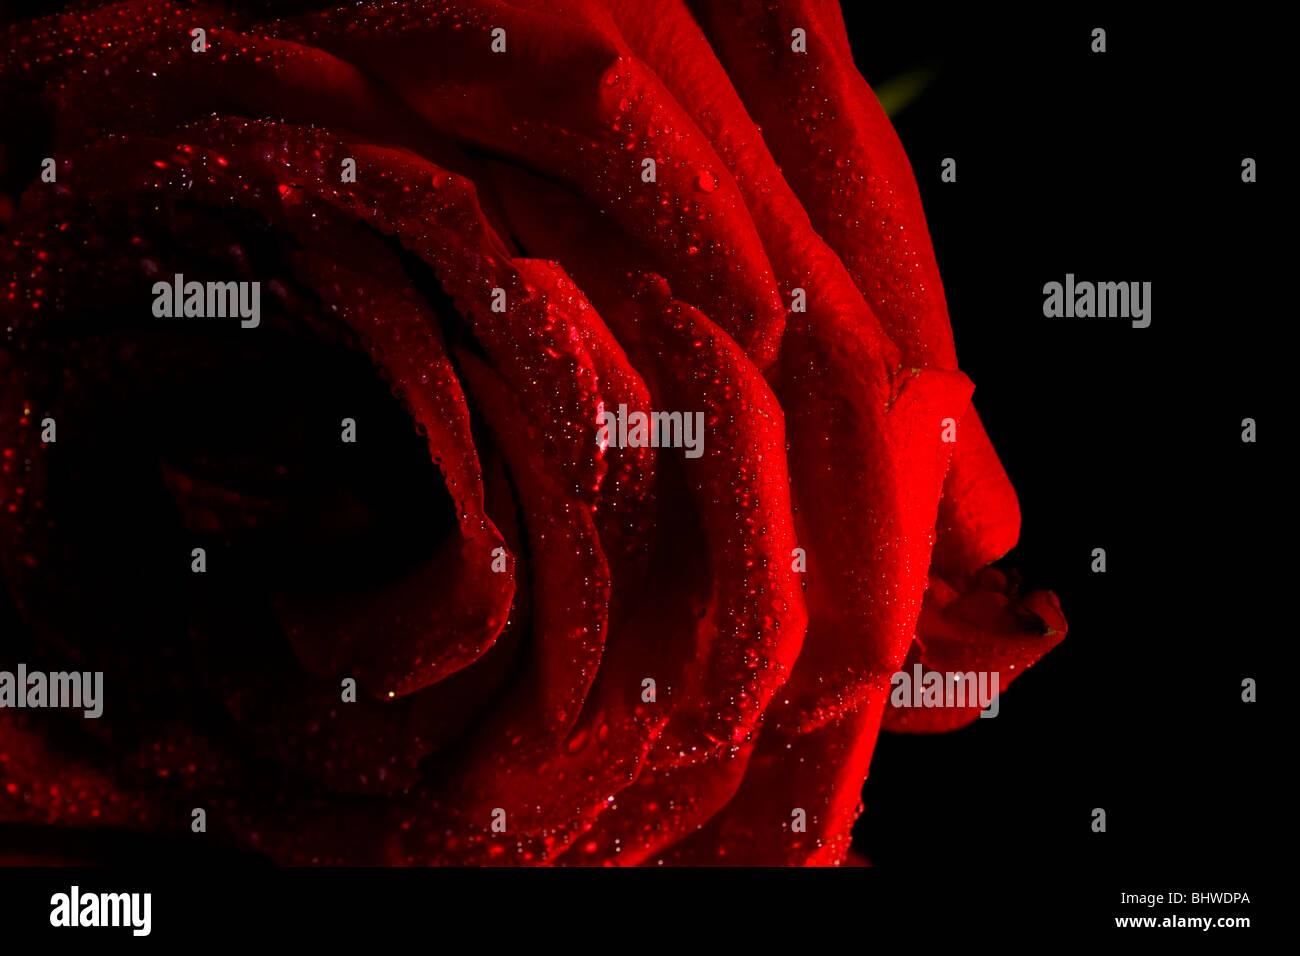 Una Rosa Rossa Con Una Nebulizzazione Di Acqua E Uno Stelo Su Uno